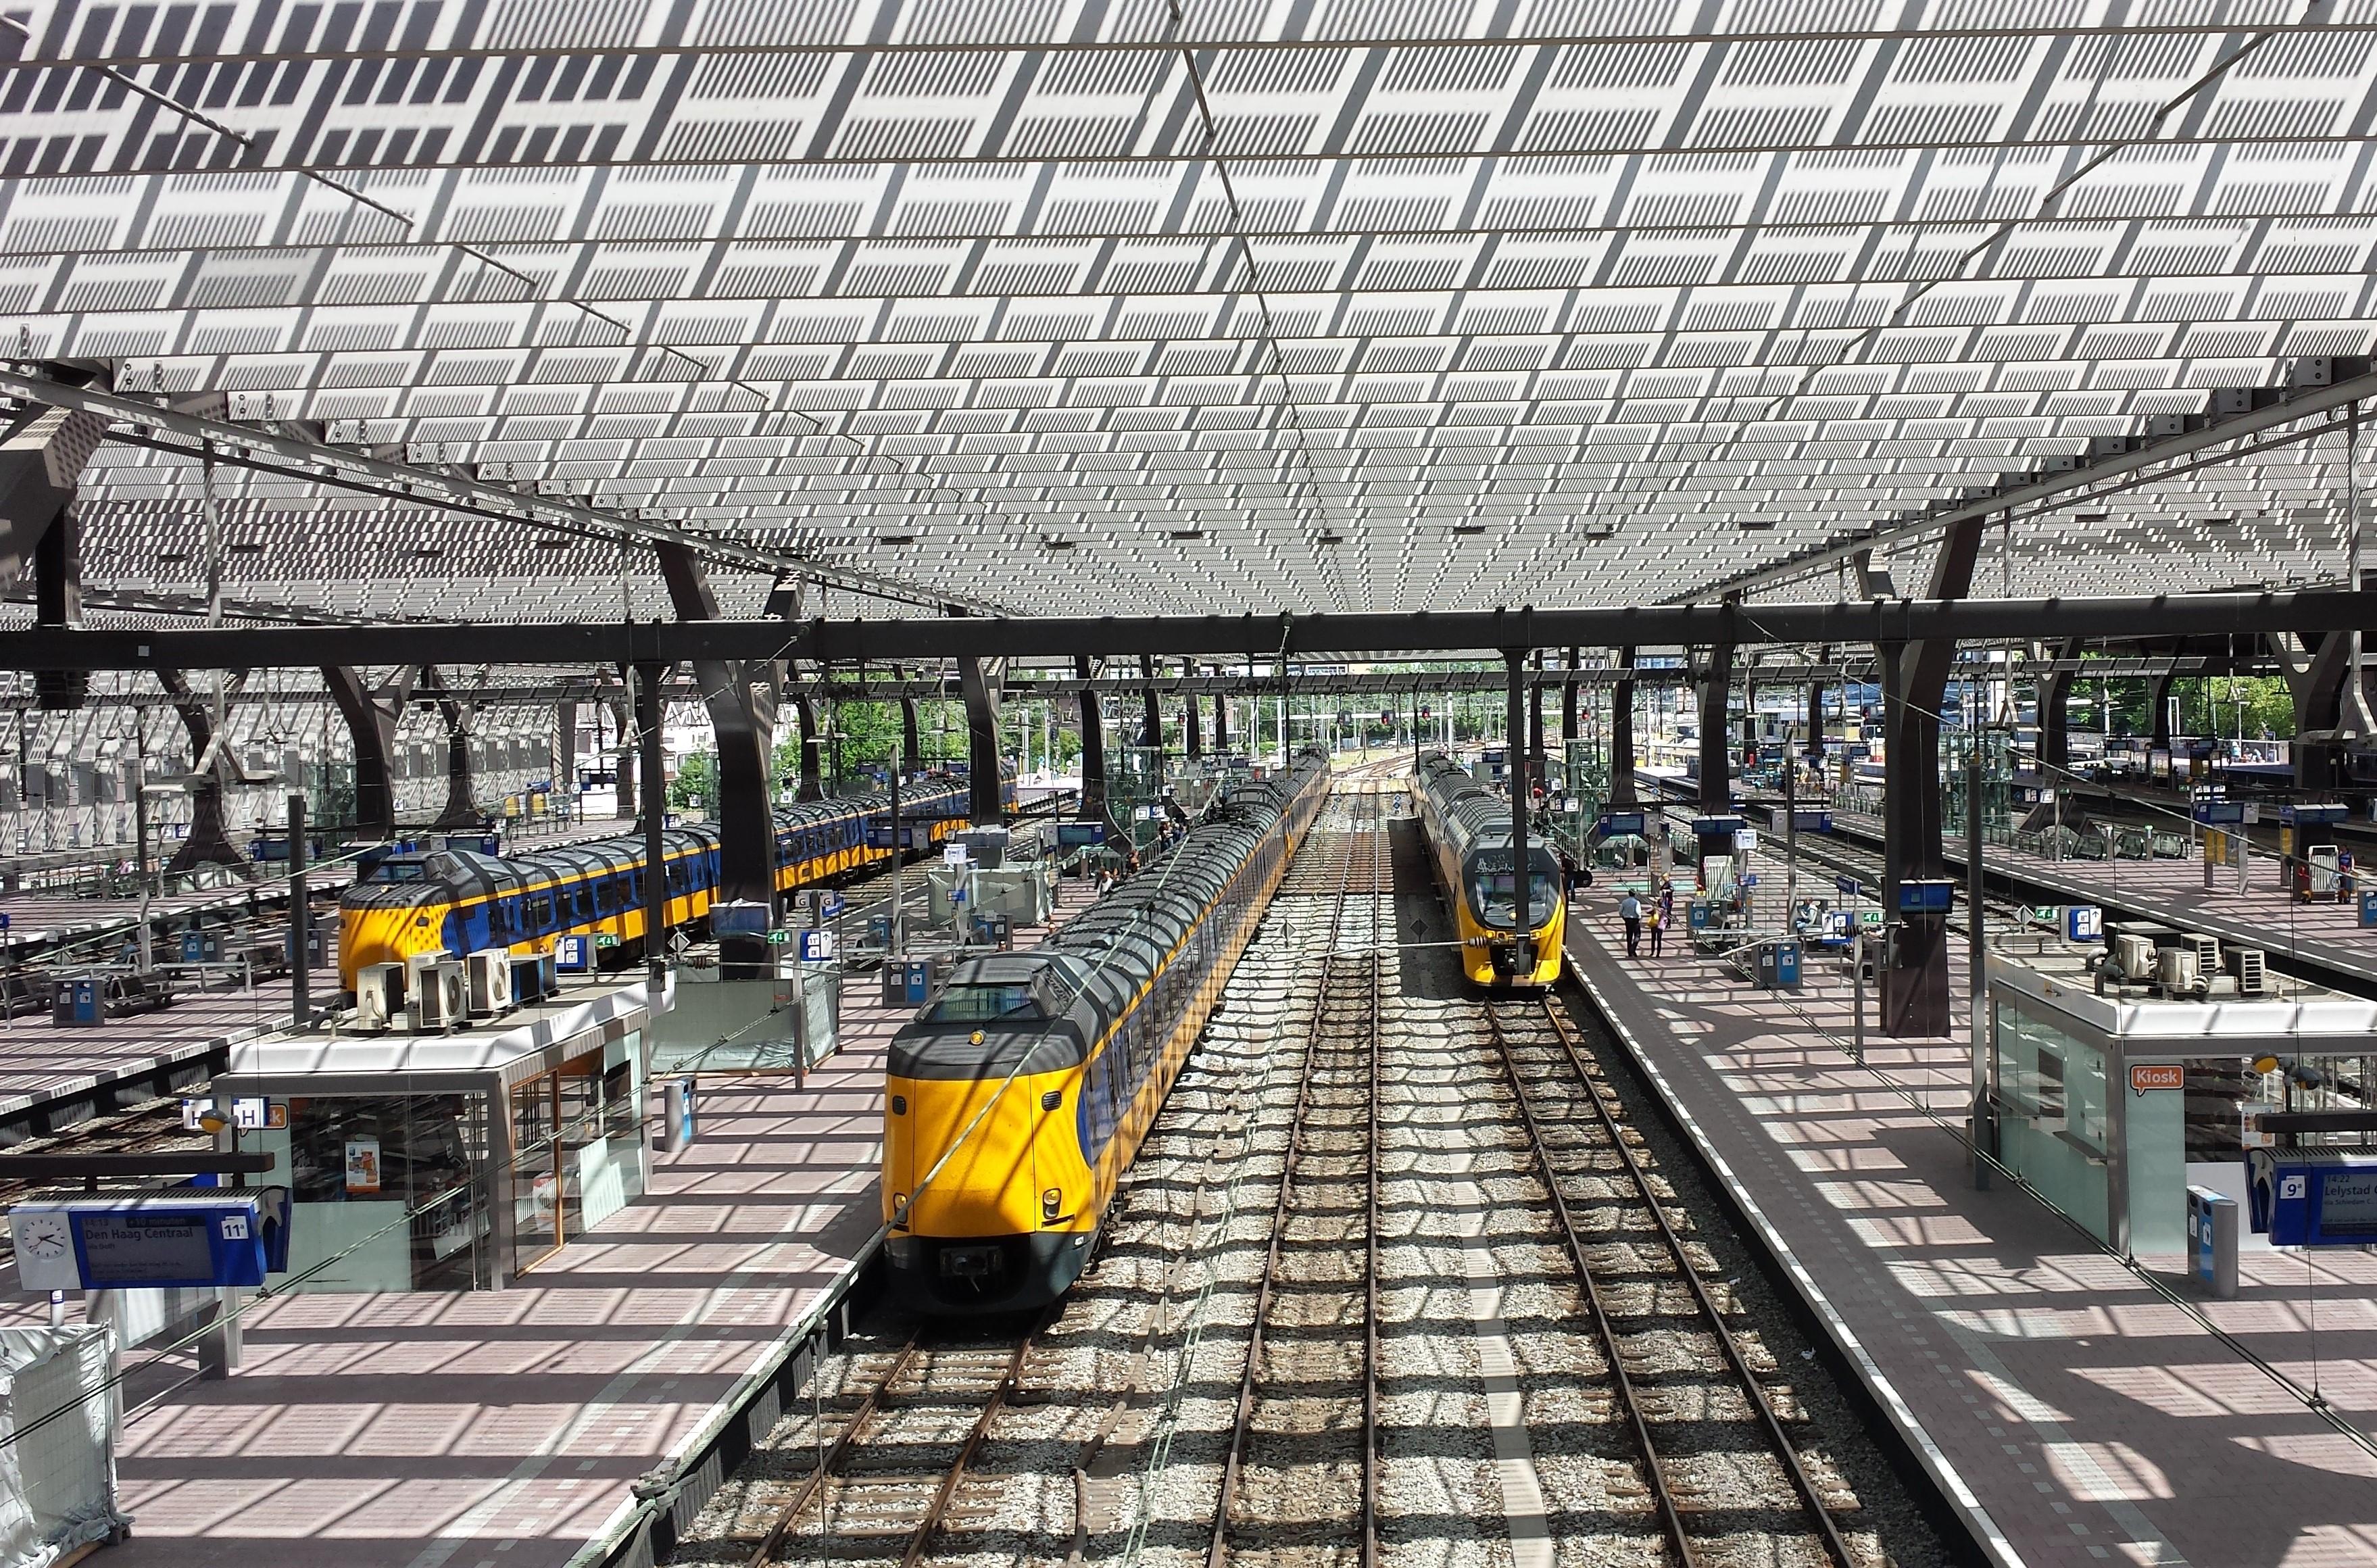 Reizen met trein | Duurzaamheid | Tidyminds.nl